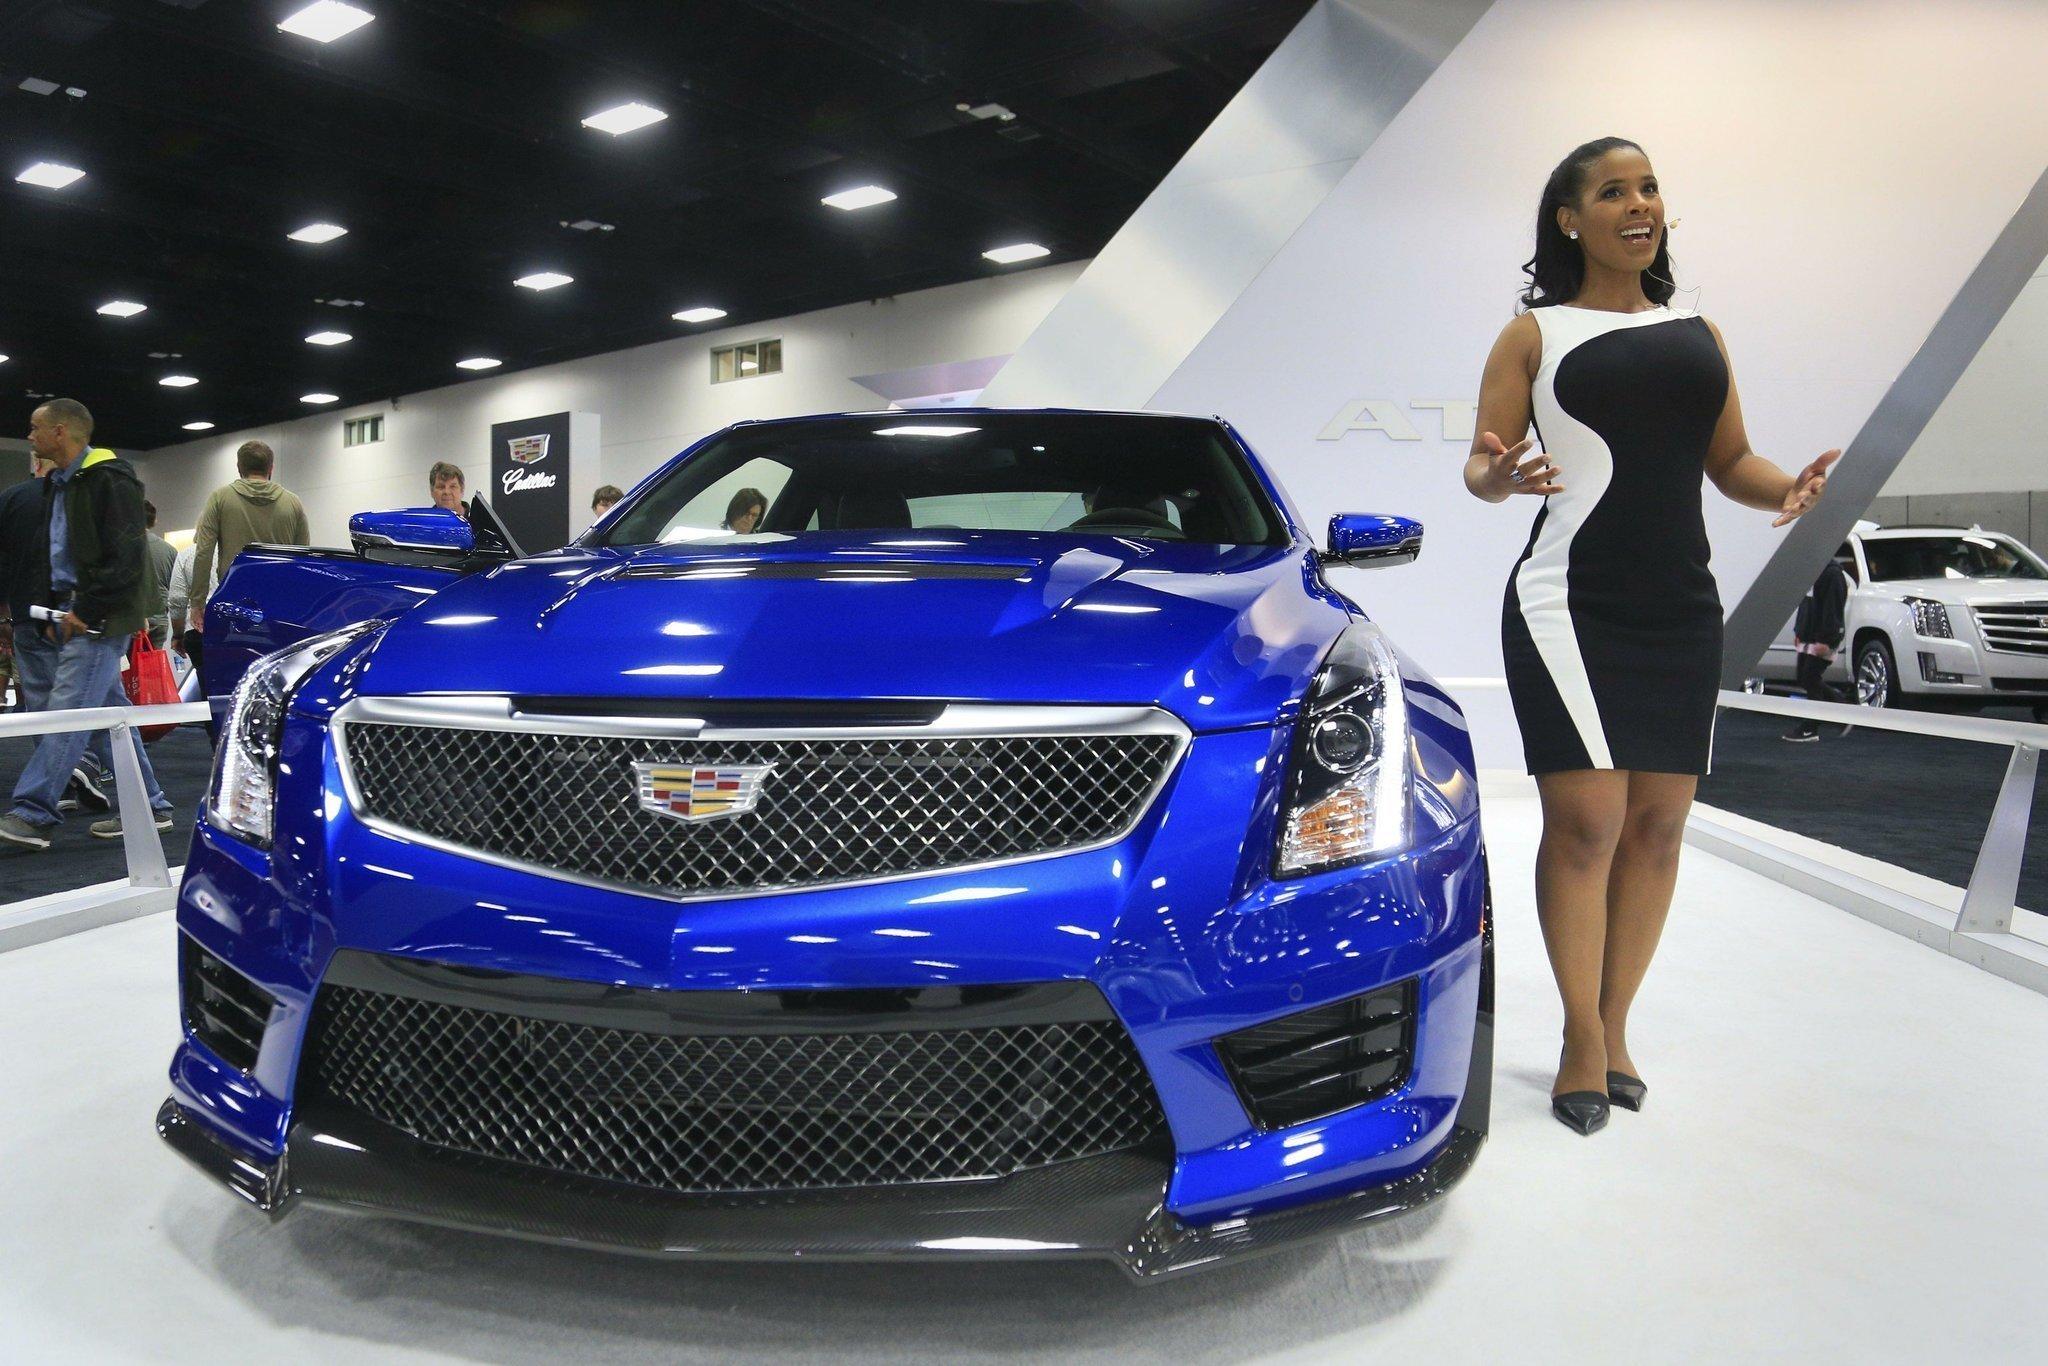 San Diego Auto Show Draws Luxury Lookieloos The San Diego Union - Luxury car show